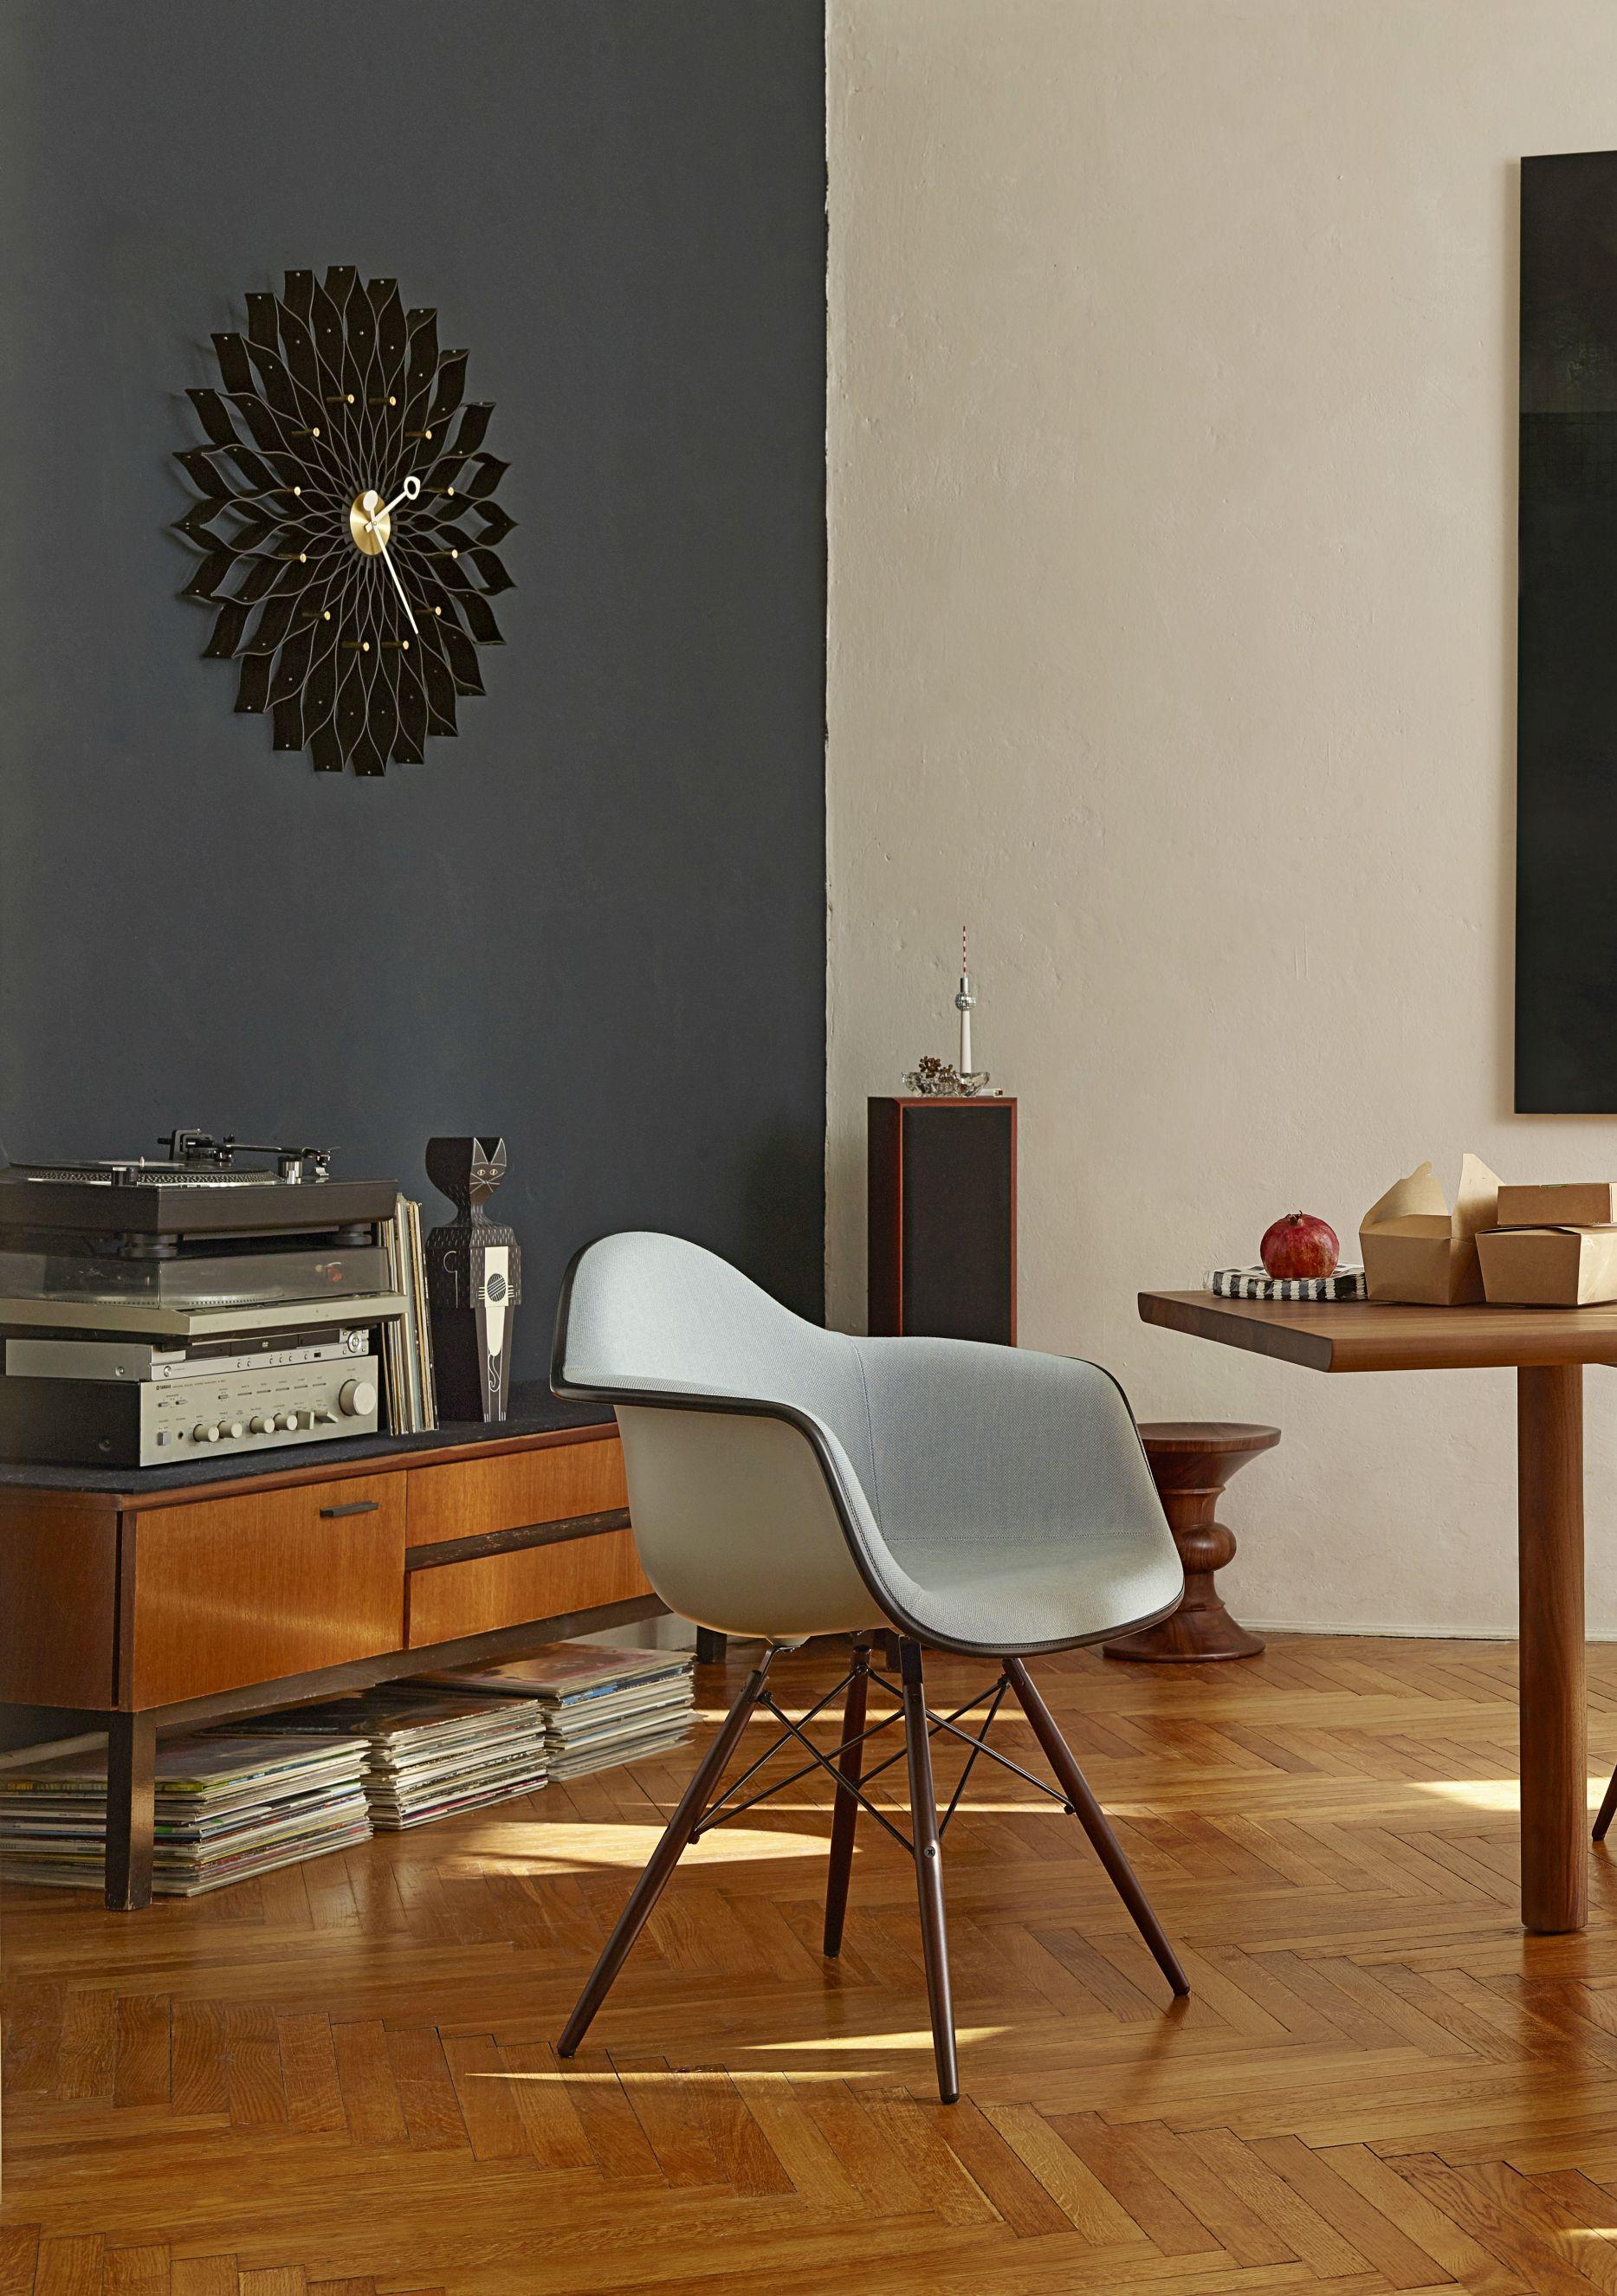 Der Eames DAW Stuhl Von Vitra Vor Einer Wand In Dunkelblauer Wandfarbe.  Edles Fischgrätenparkett Im